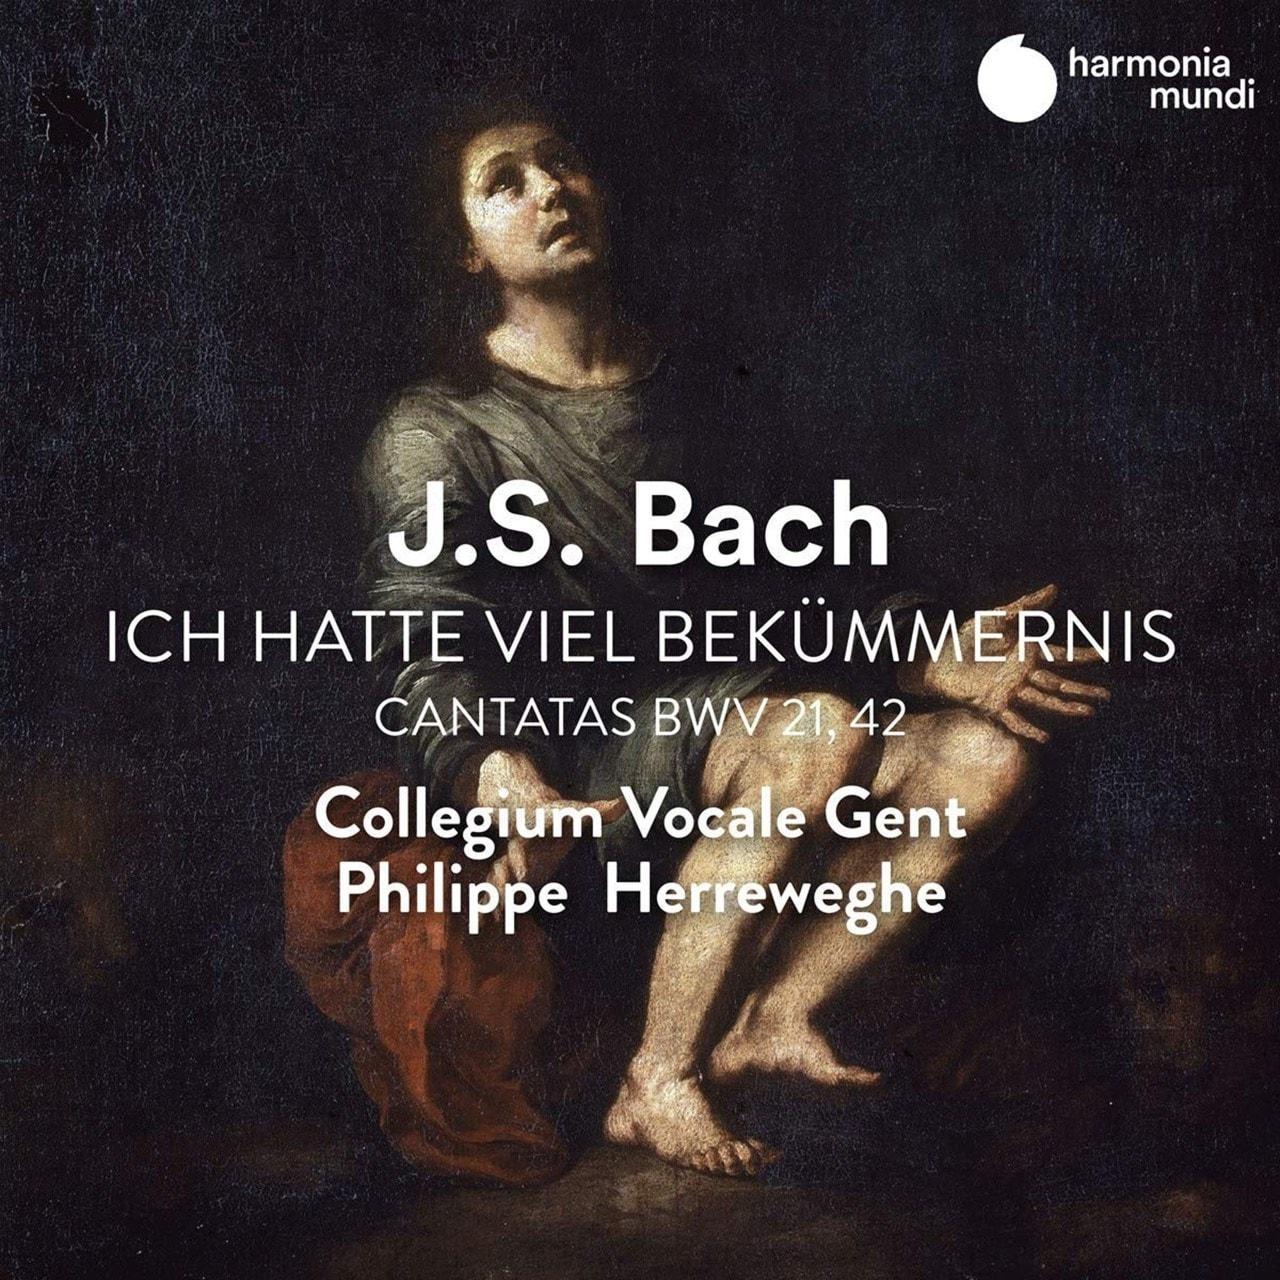 J.S. Bach: Cantatas, BWV21 & 42 - 1